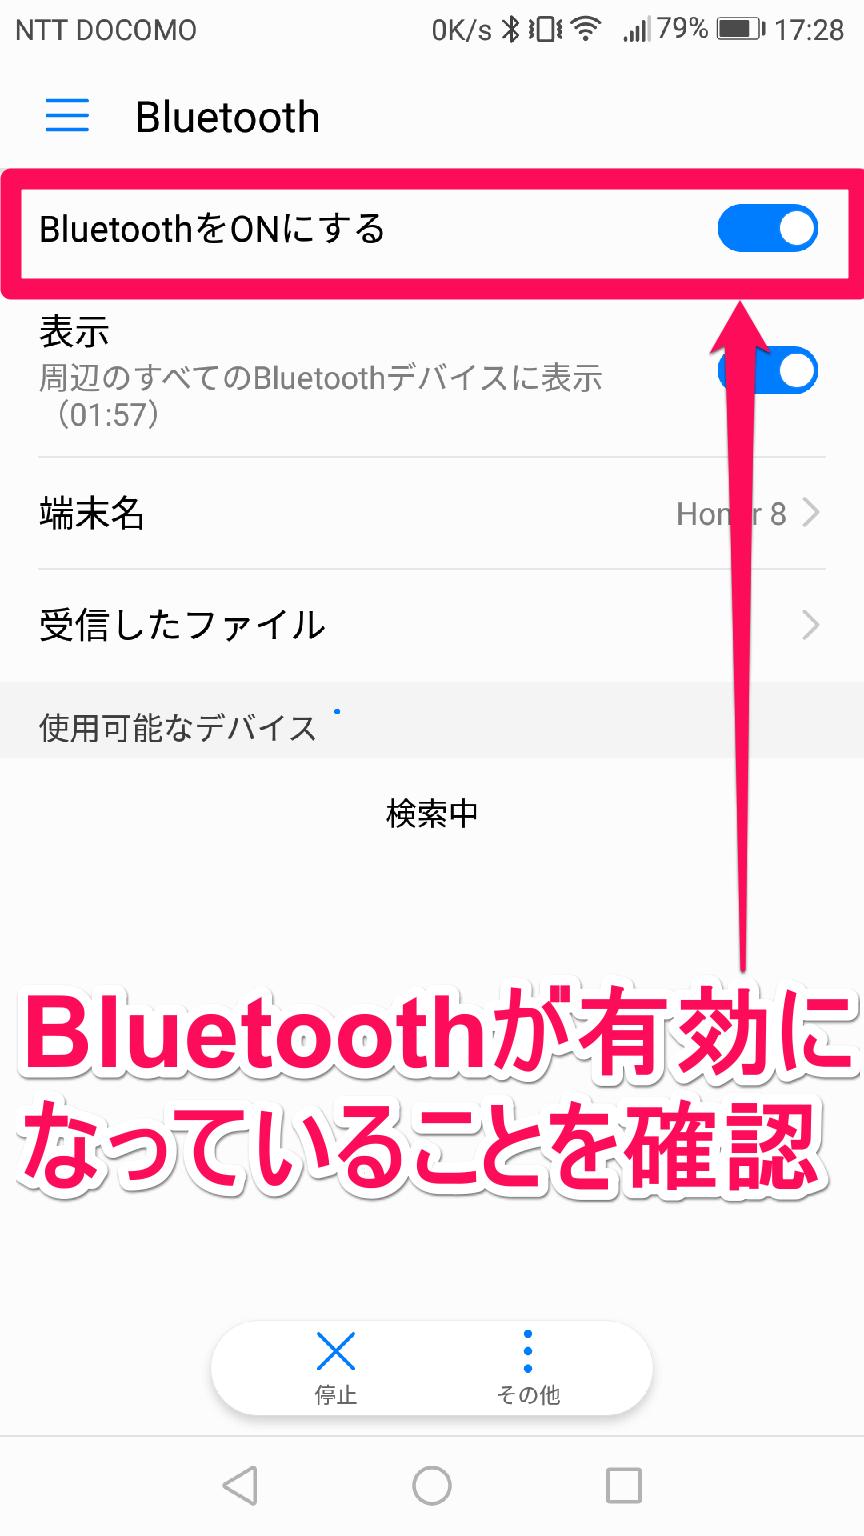 スマートフォンのBluetooth(ブルートゥース)を有効にした画面